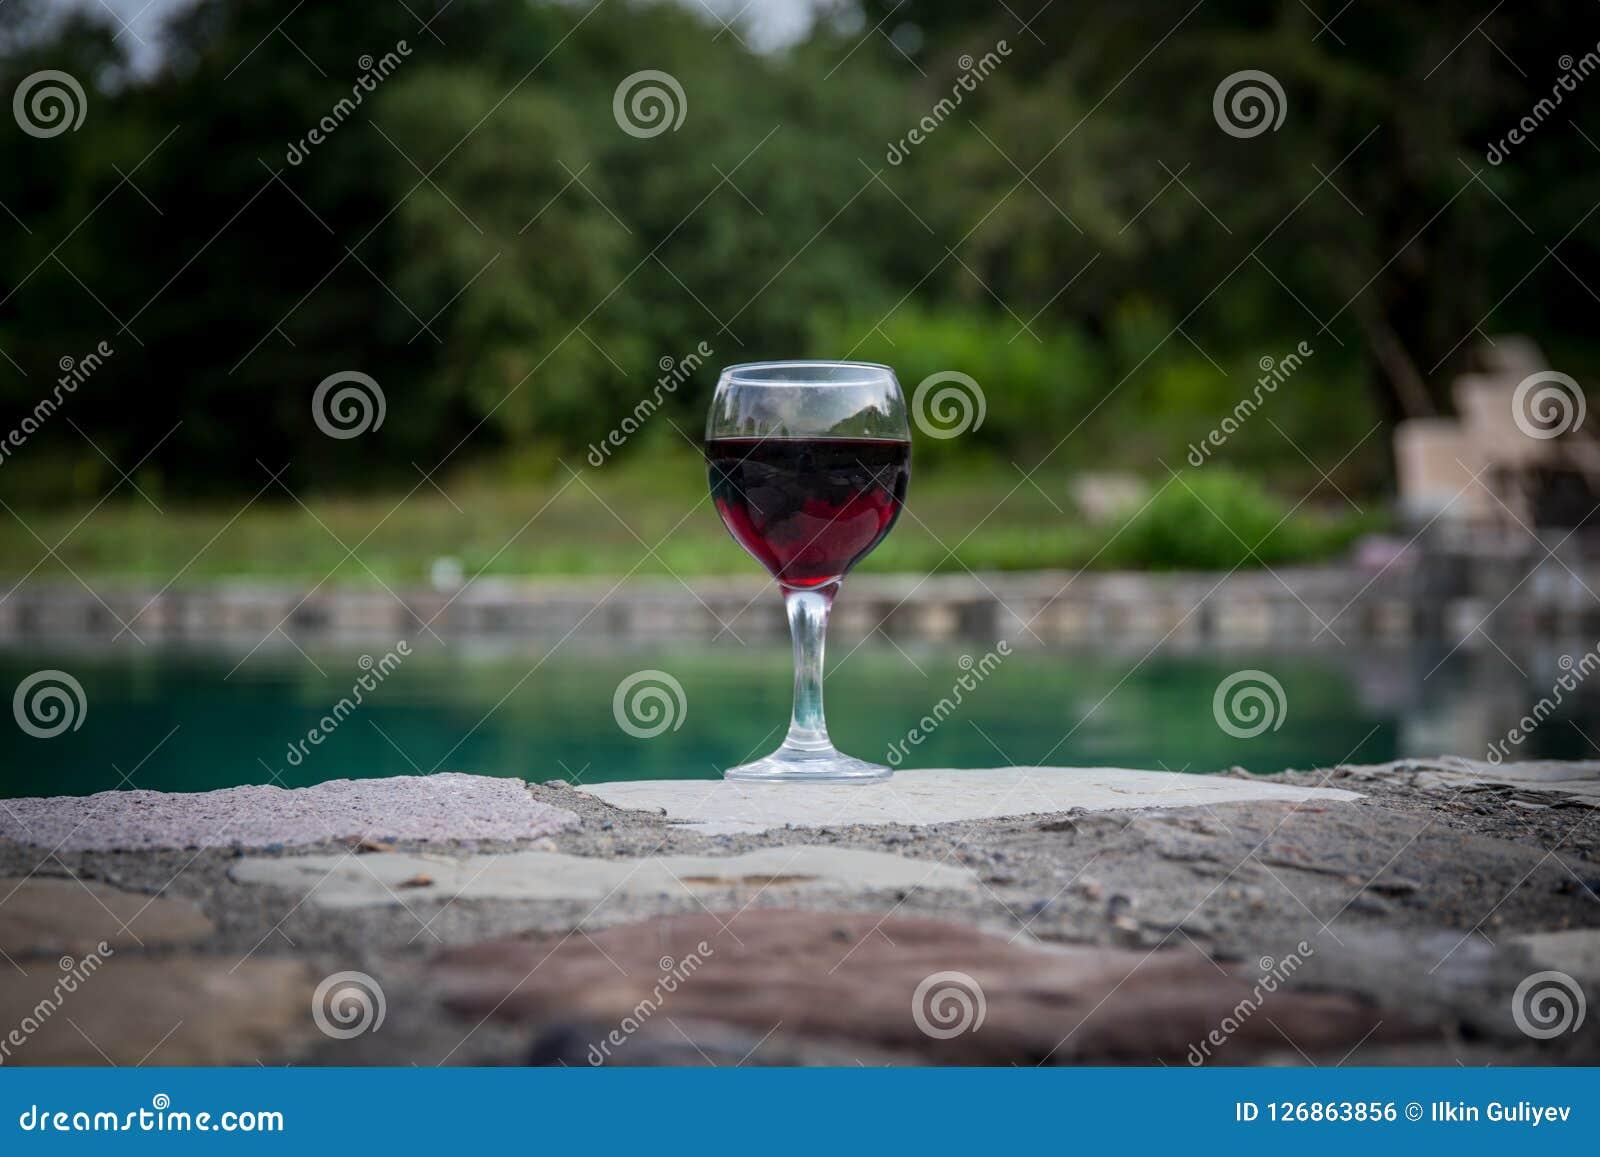 Drank in lang glas in poolside Verfrissing op de zomerdag Purpere sapcocktail of wijnstok Berg bosachtergrond